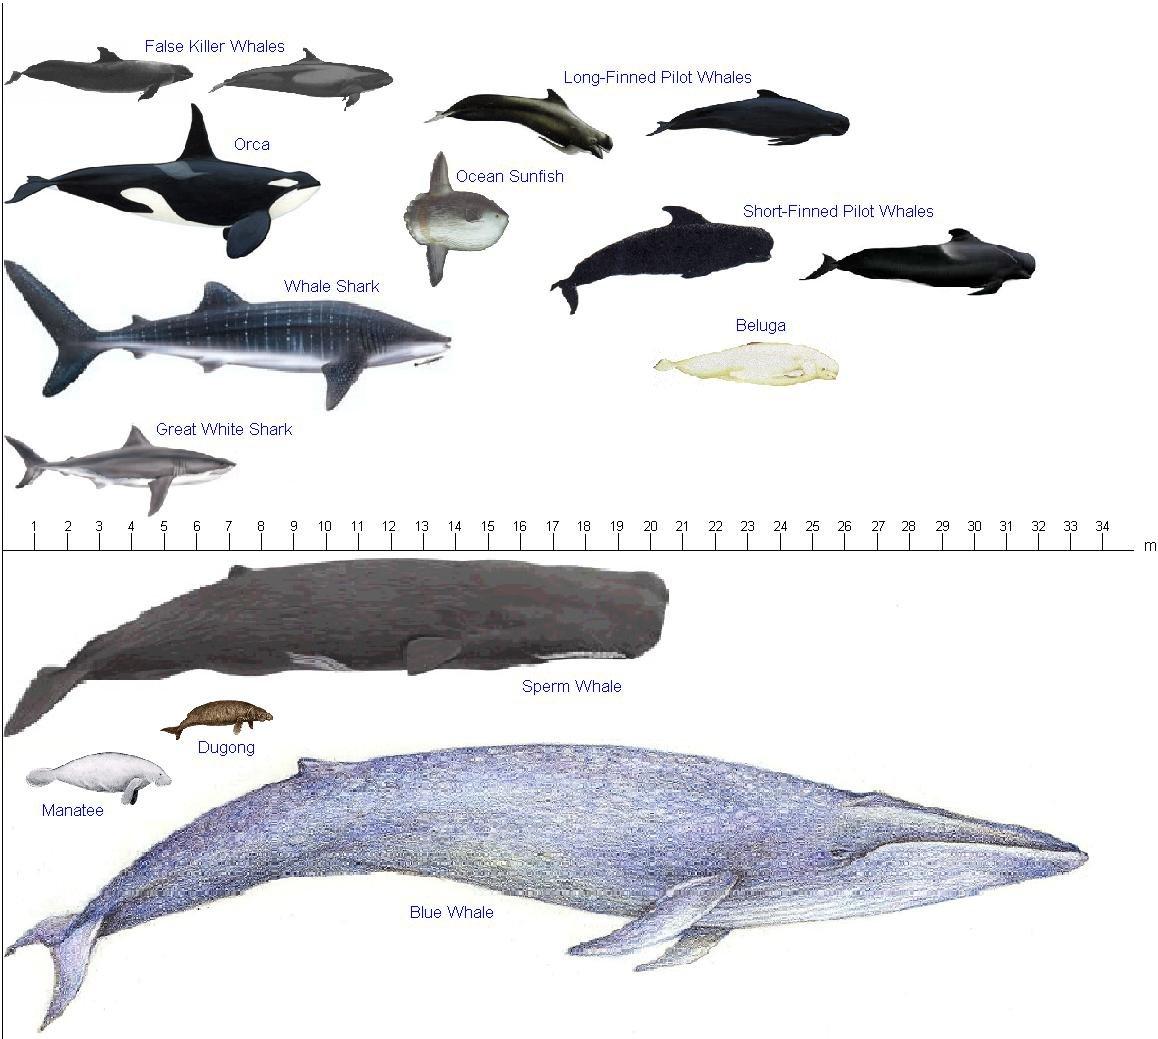 囹�9�%9�._澳洲一年一度的看鲸时节就是现在,最全观鲸指南拿走吧